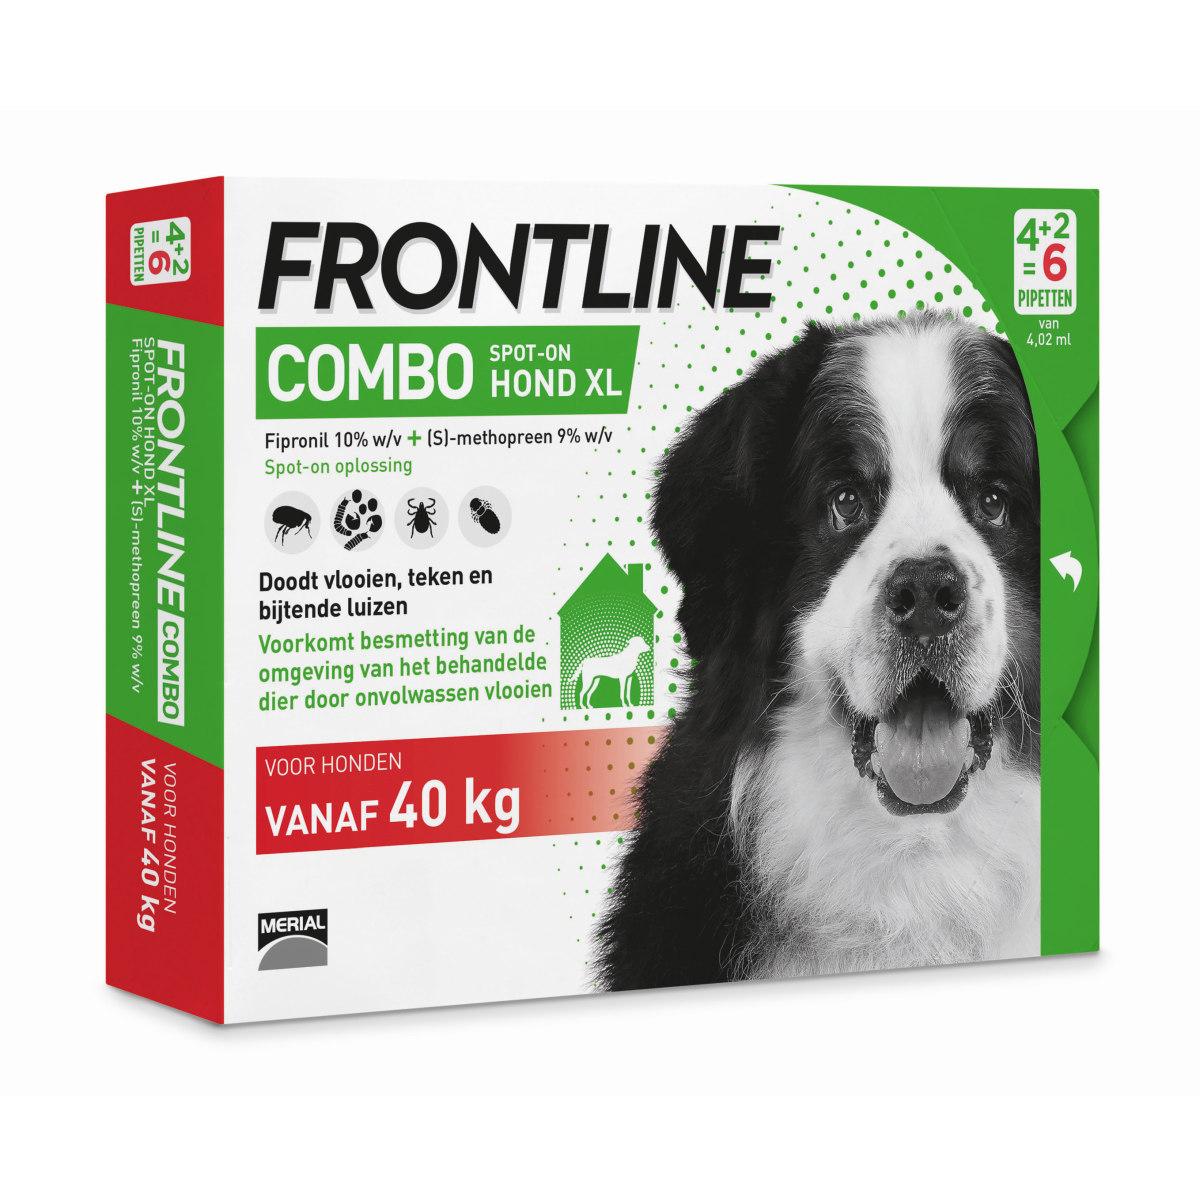 FRONTLINE COMBO HOND-XL 6 PIP. 00001